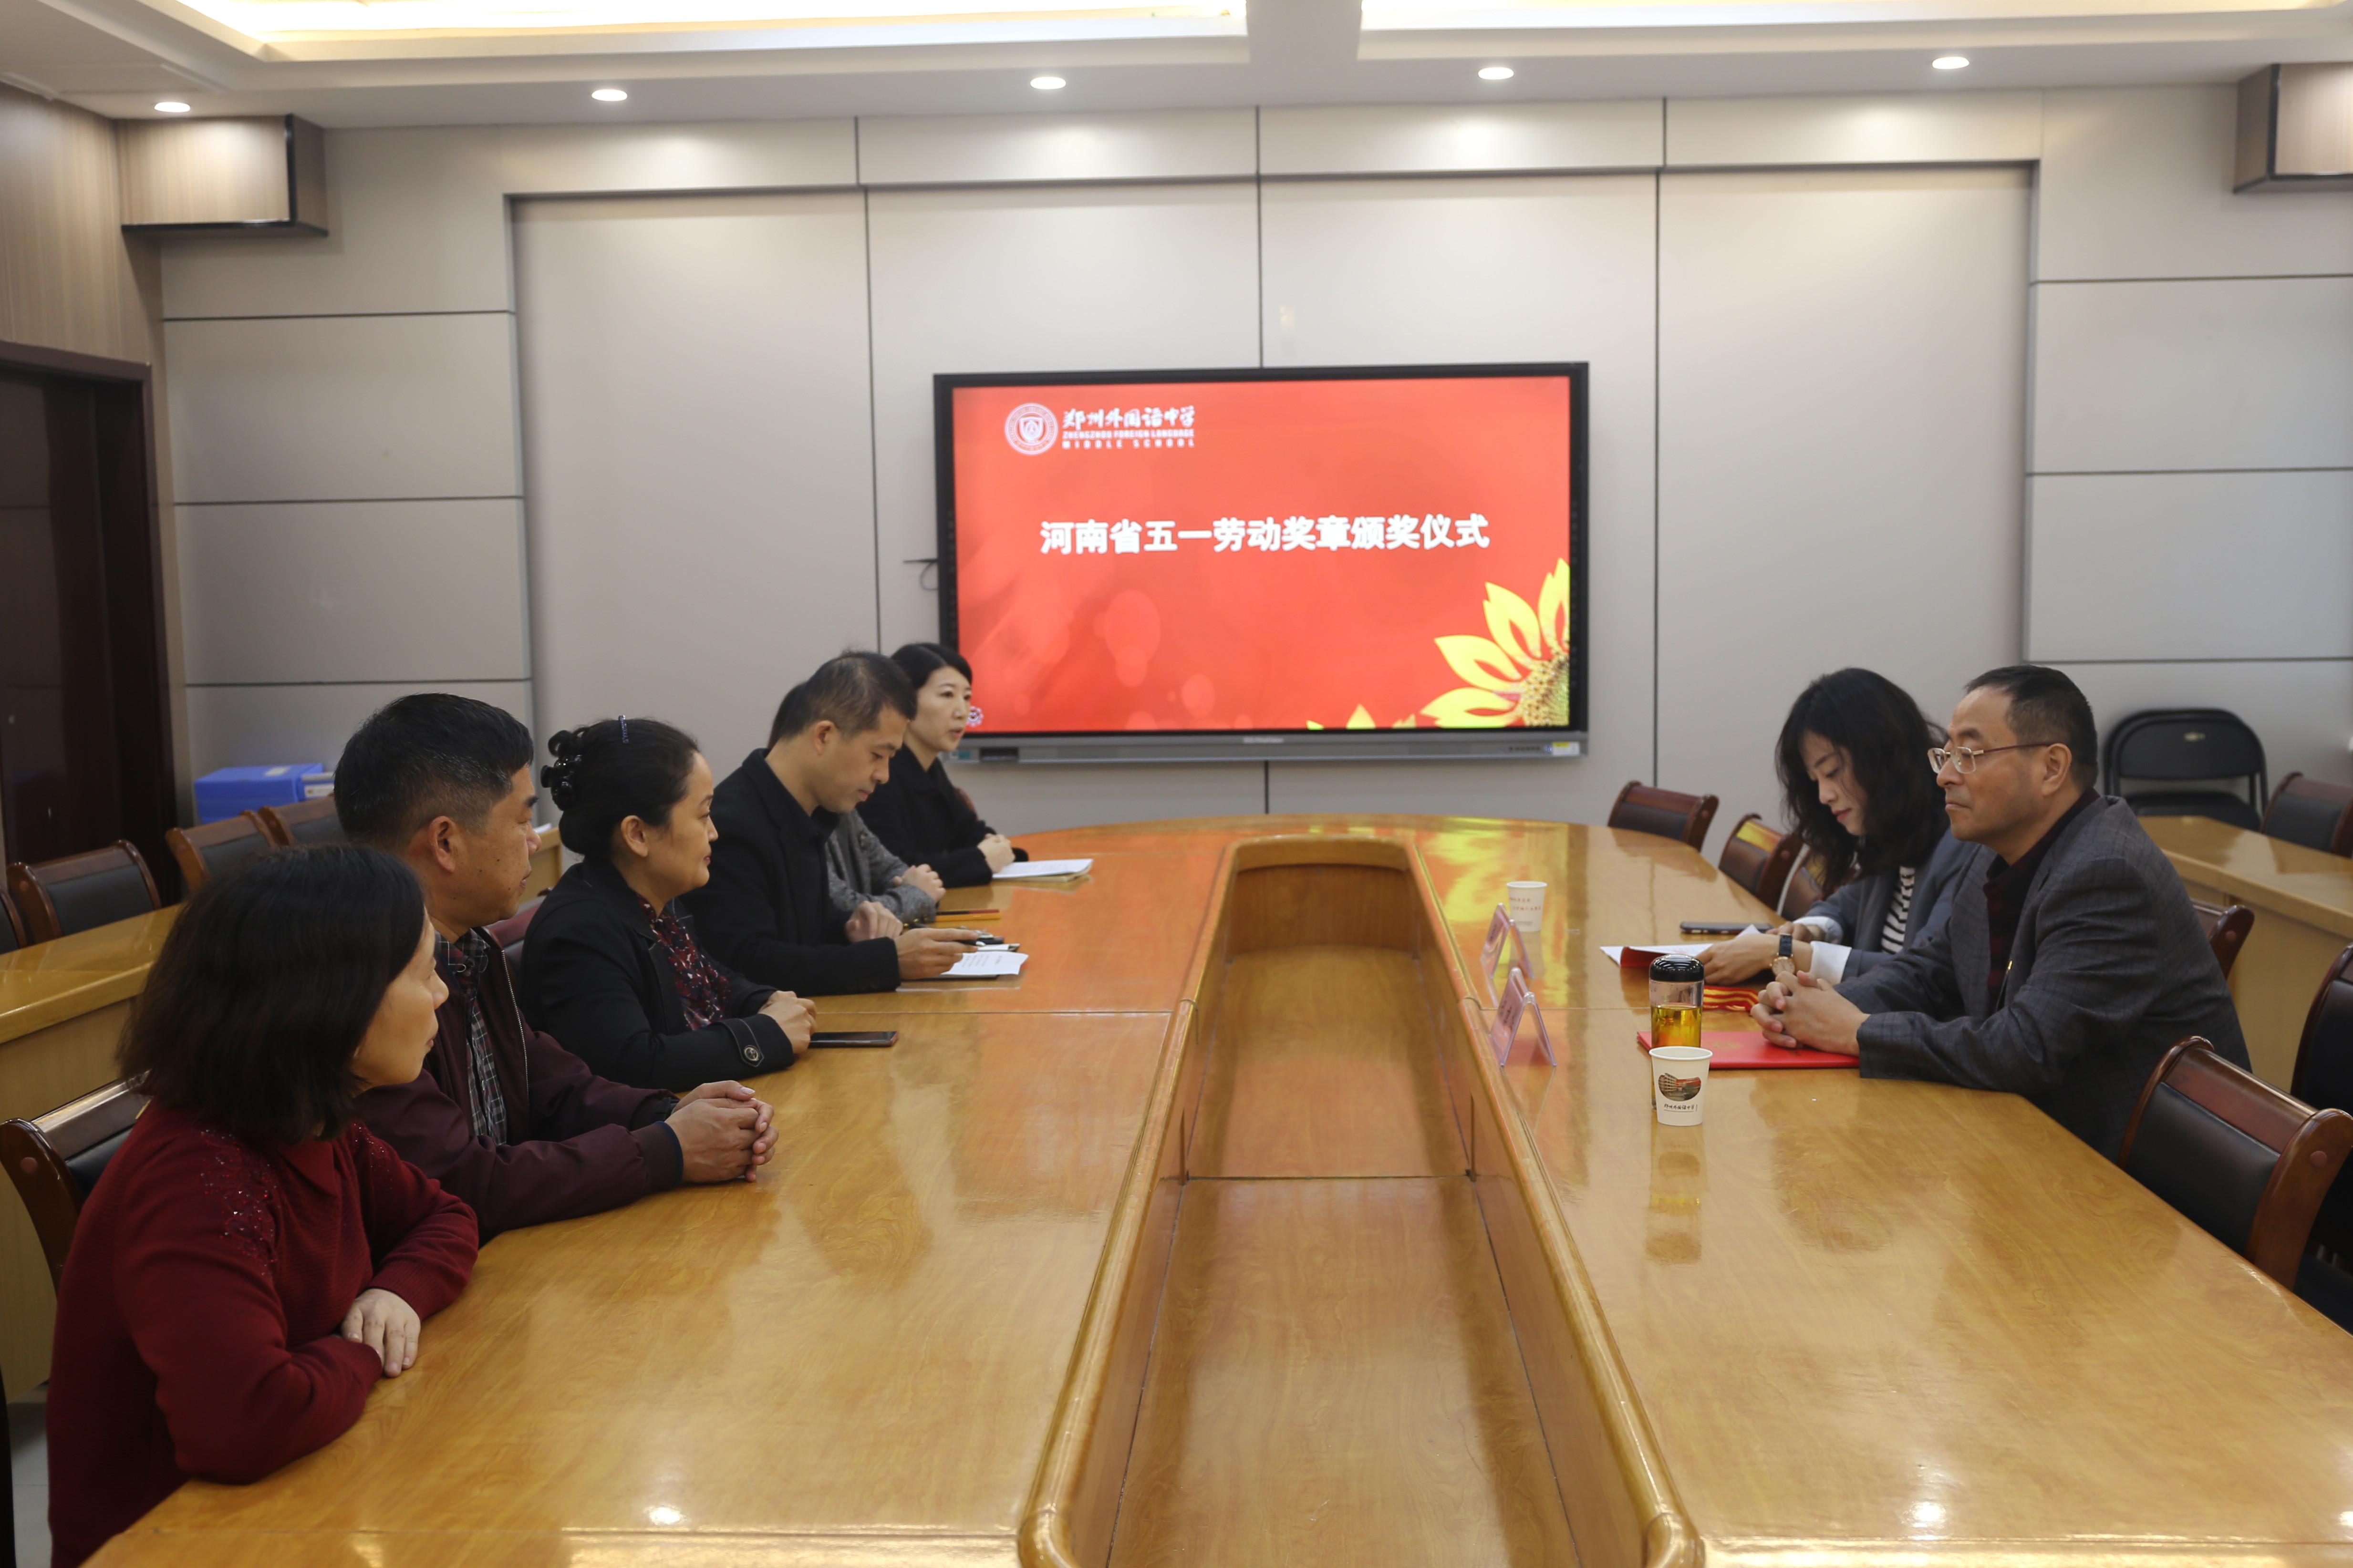 郑州外国语中学教师任昊燕荣获河南省五一劳动奖章